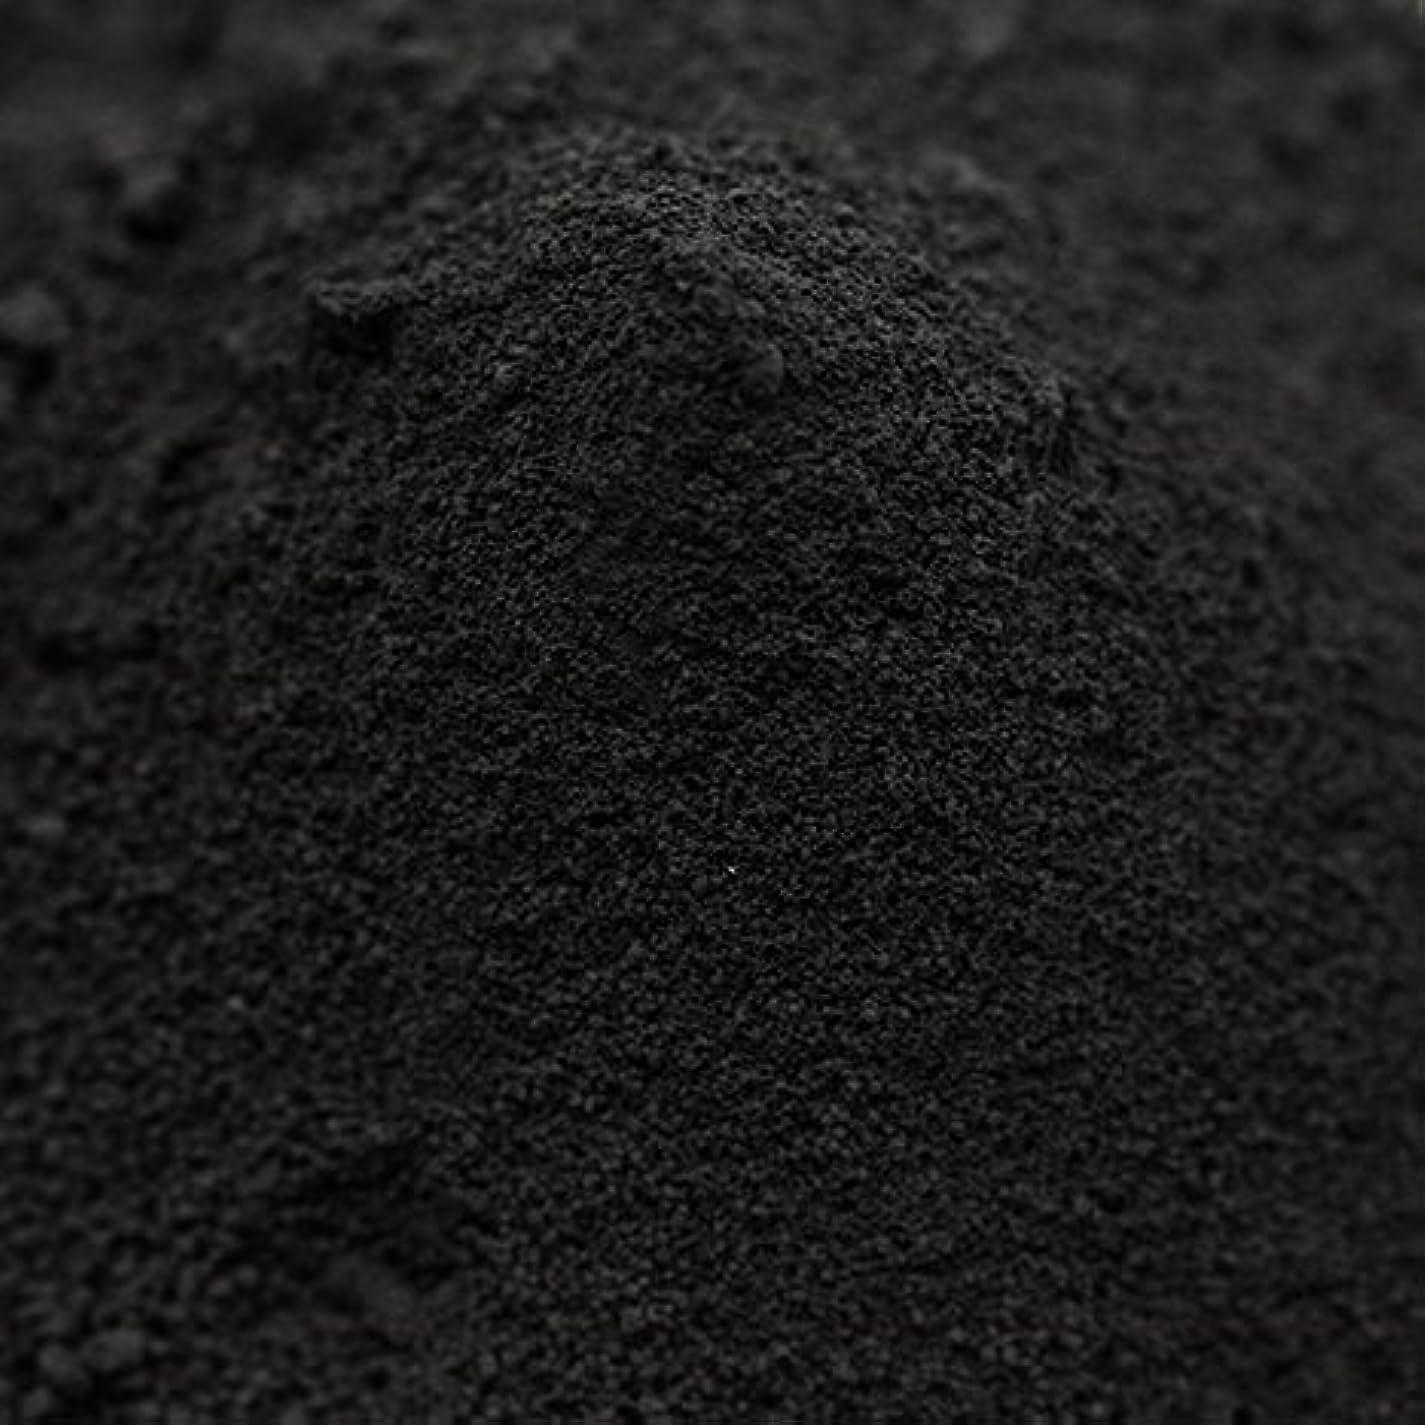 販売計画現れる収穫竹炭パウダー(超微粉末) 20g 【手作り石鹸/手作りコスメに】